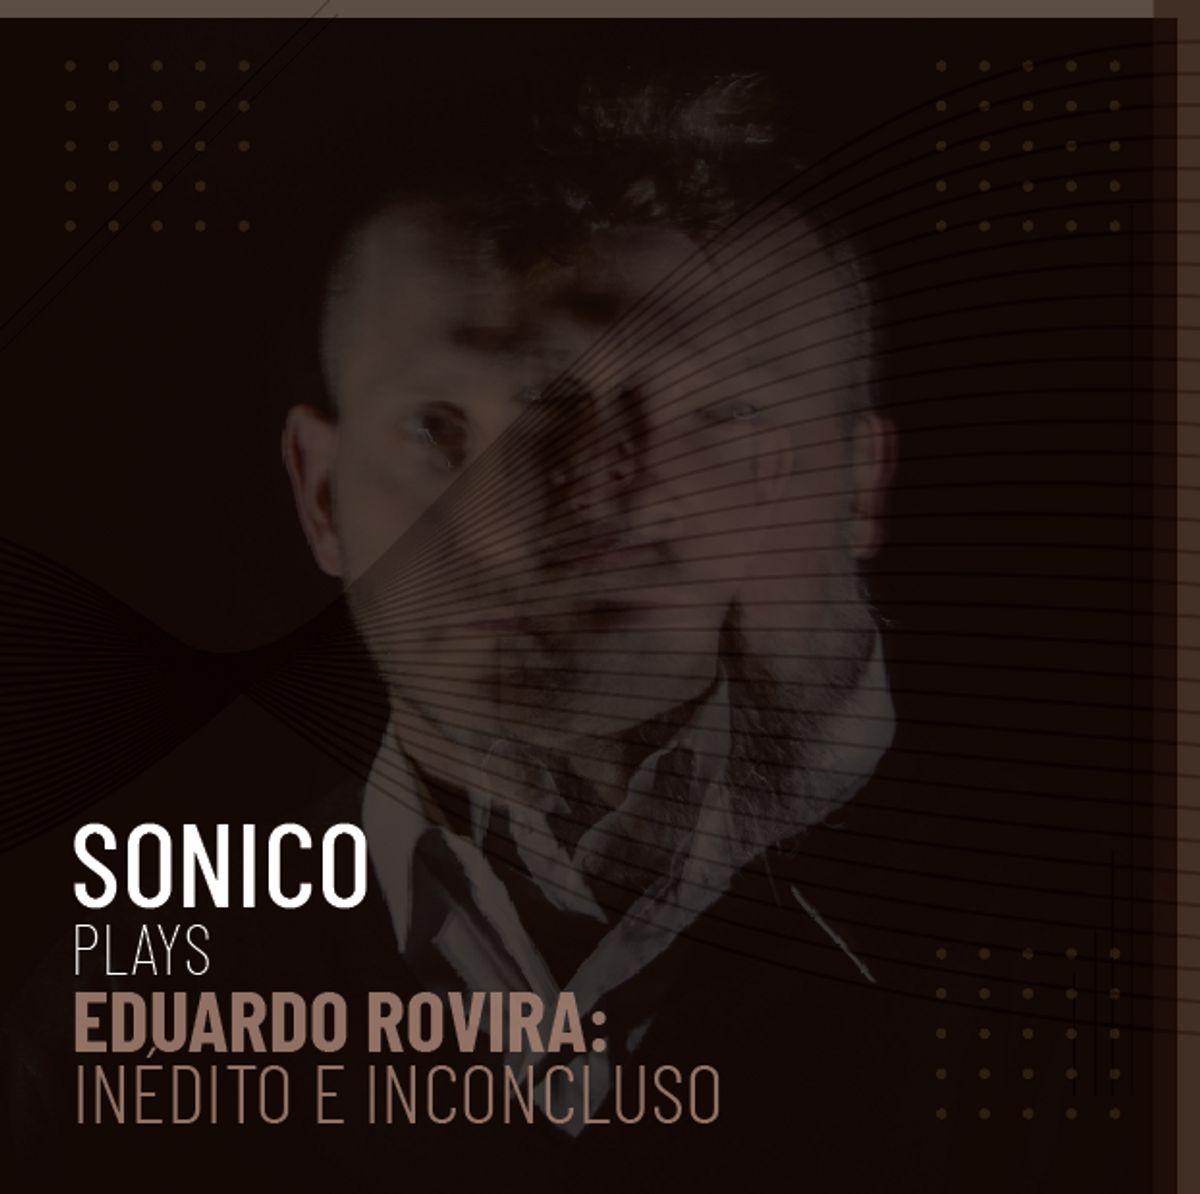 Eduardo Rovira: Inedito E Inconcluso